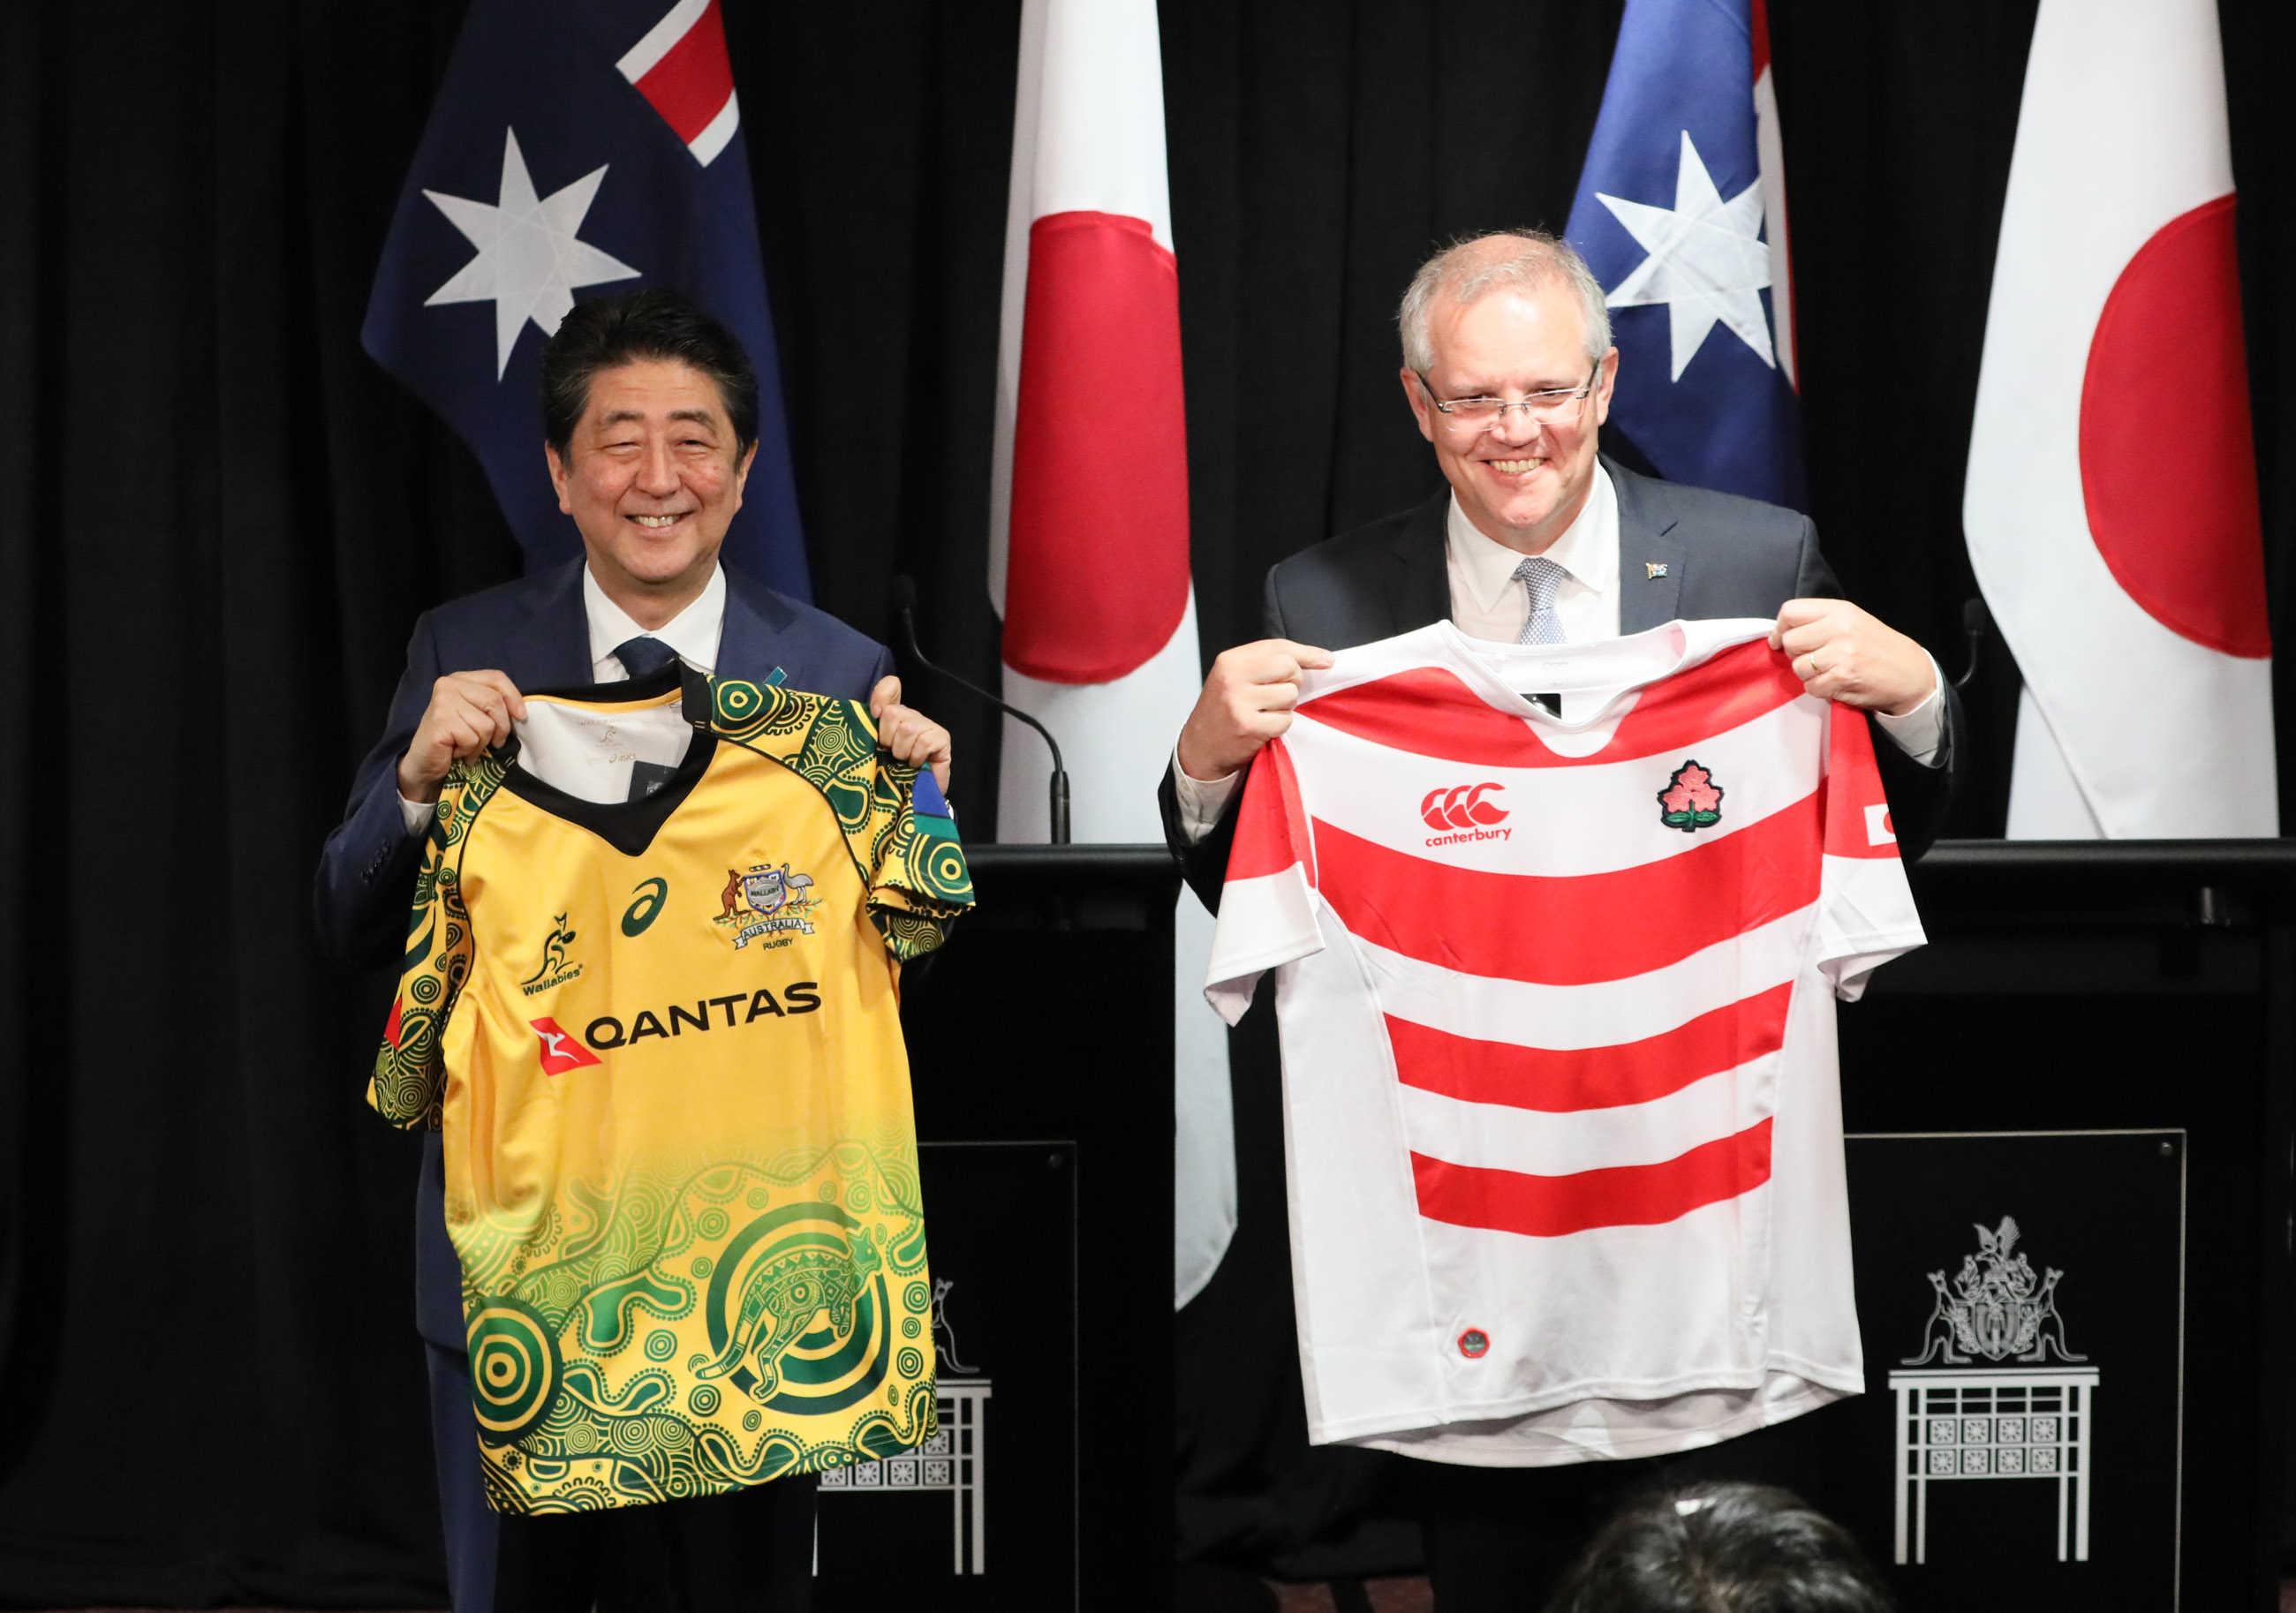 写真:ラグビー代表ユニフォームを交換する両首脳3